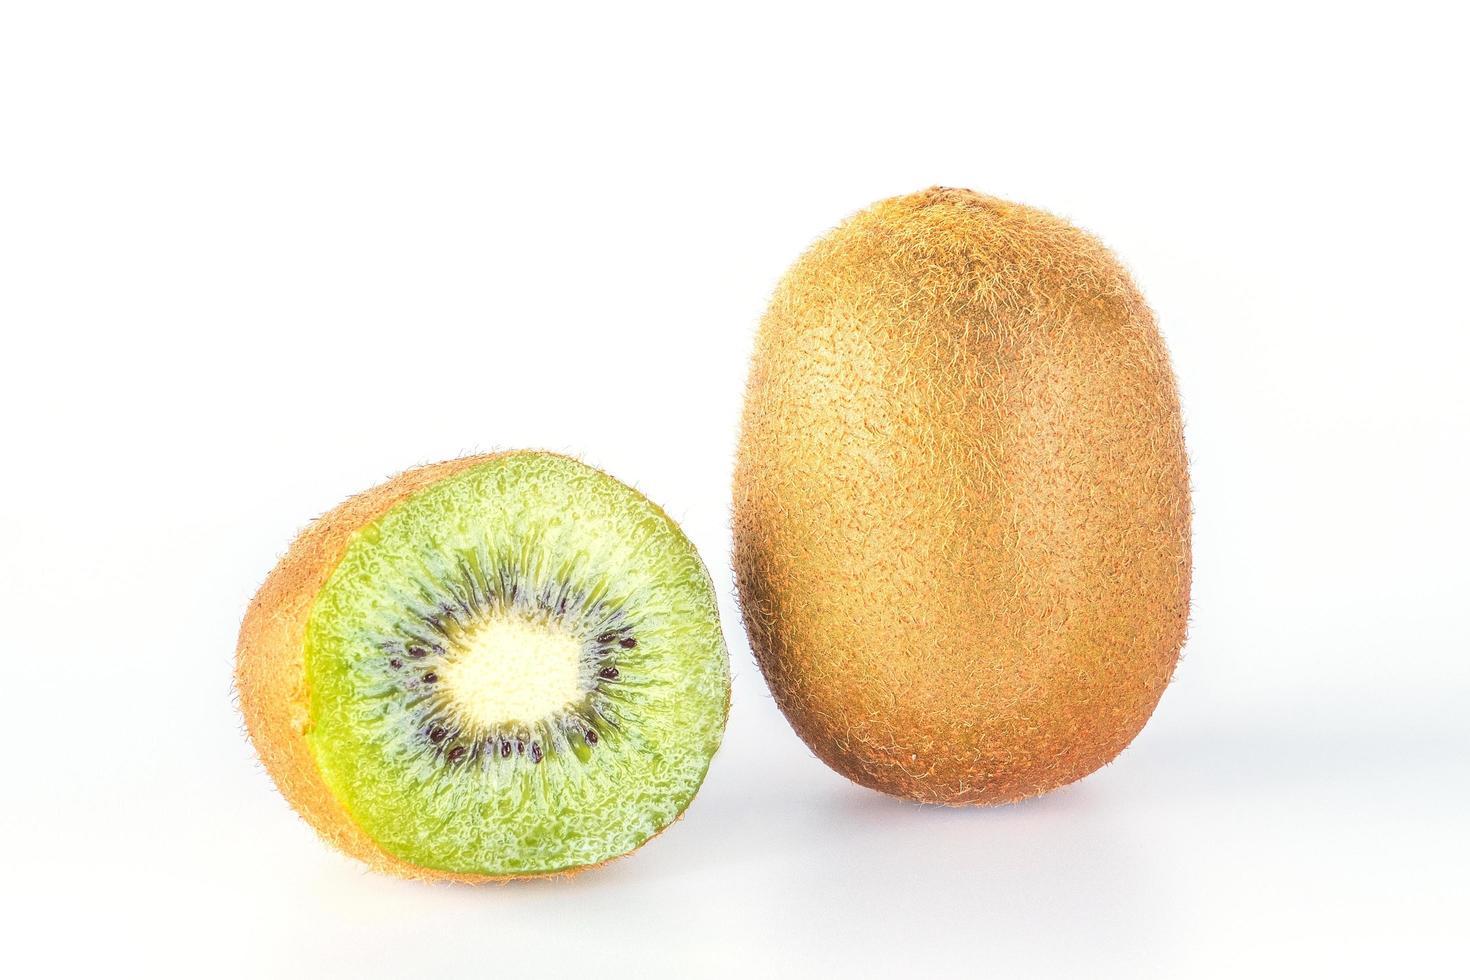 Giwi fruit segment geïsoleerd op een witte achtergrond. foto